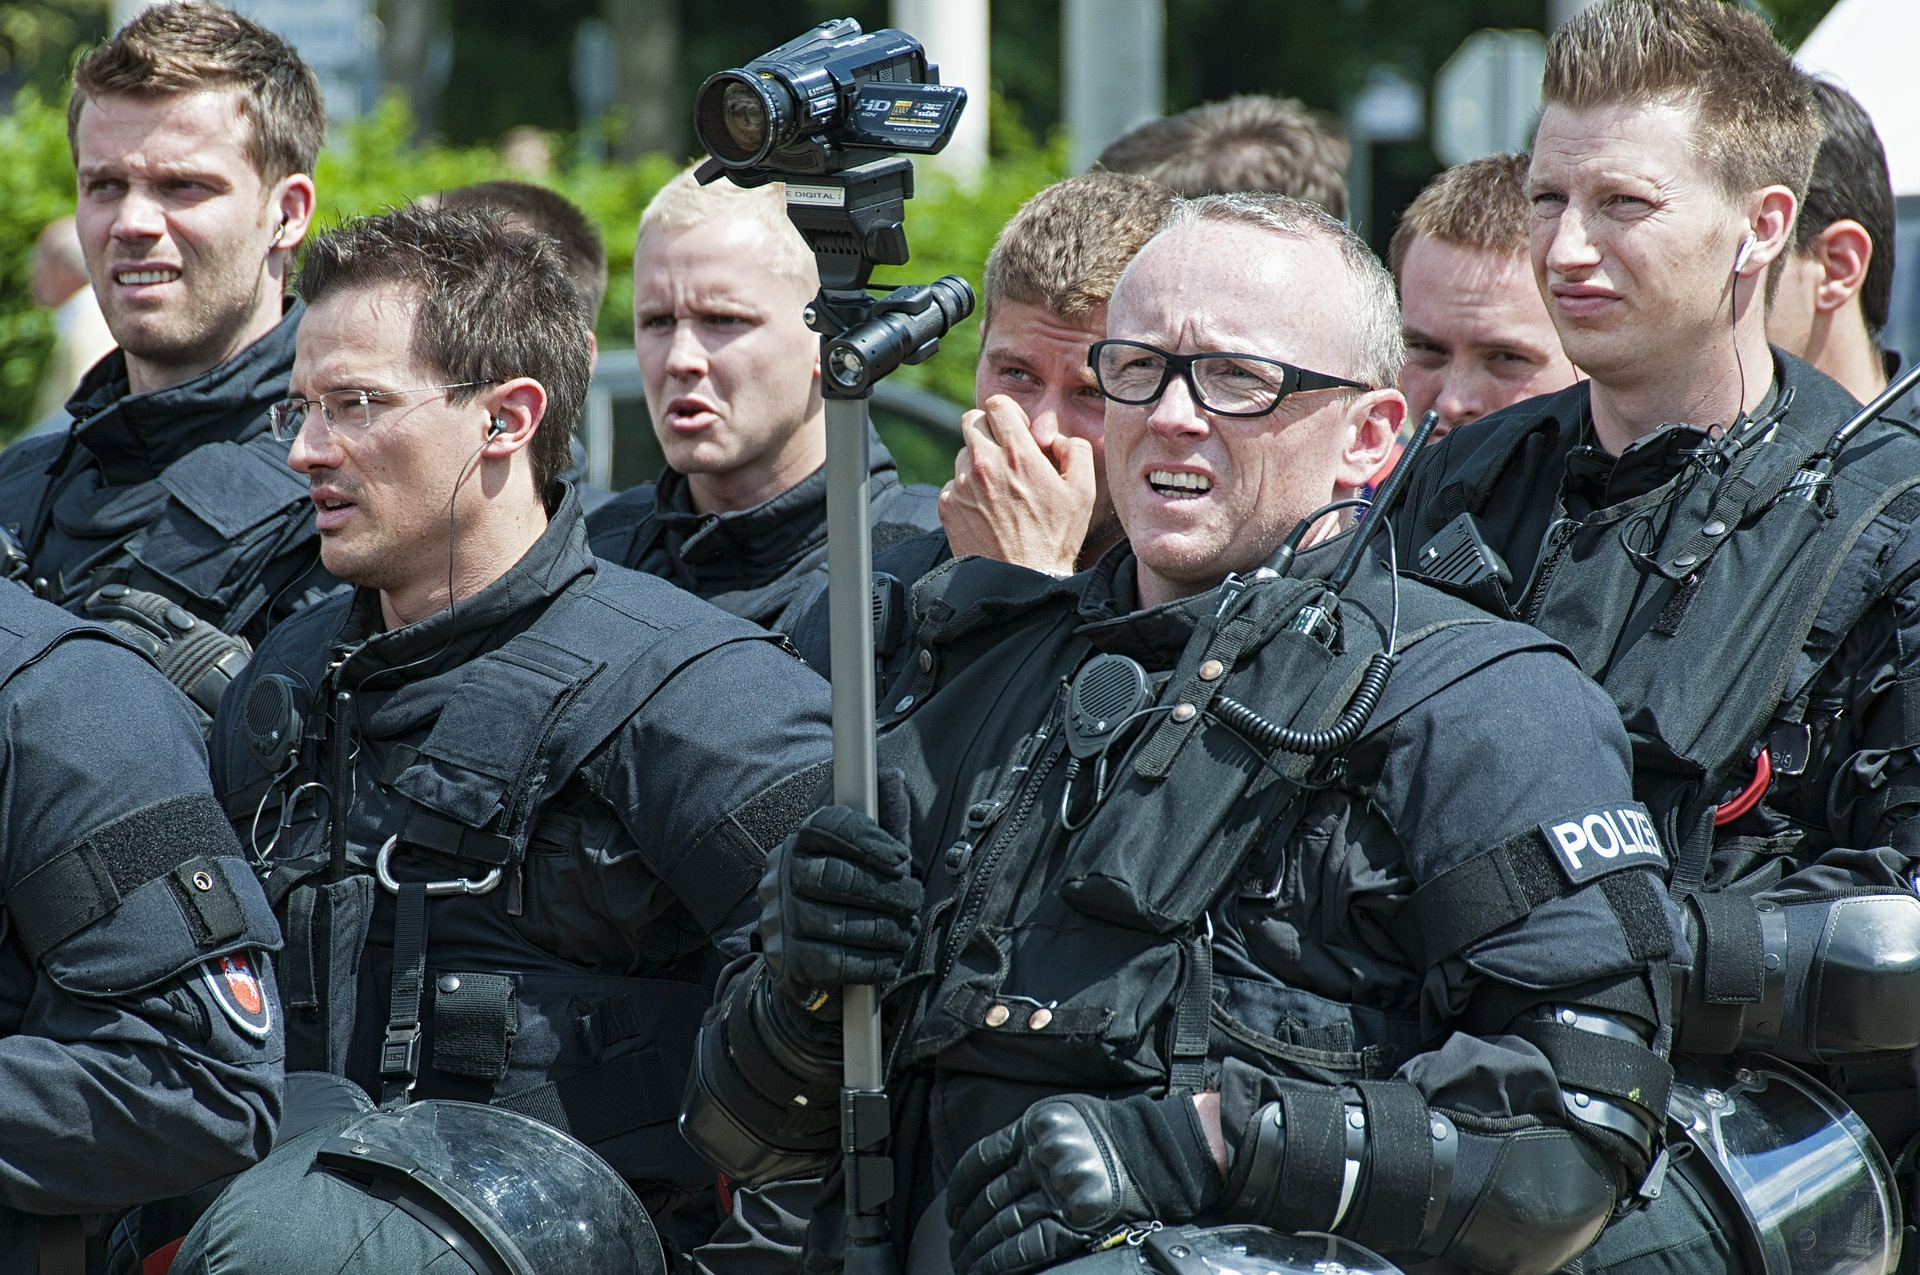 Terrorgefahr und Anschläge: Verhaltensschutz im Alltag